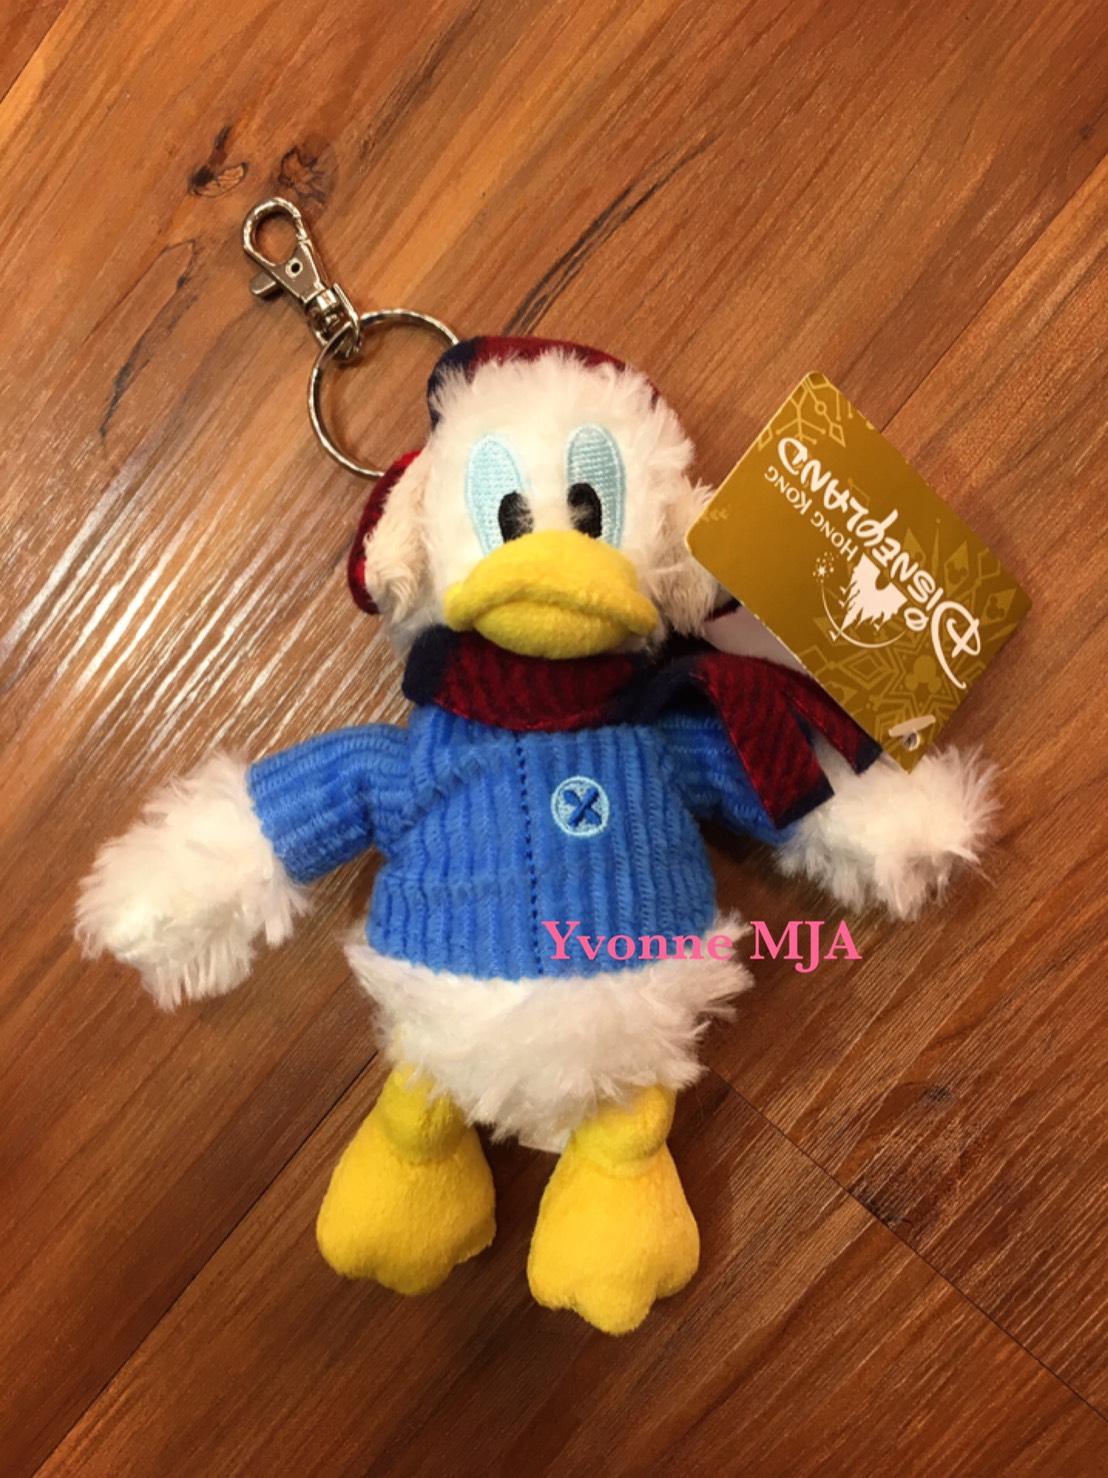 *Yvonne MJA香港代購*香港迪士尼海洋樂園限定正品2017新款冬季圍巾吊飾 現貨實拍